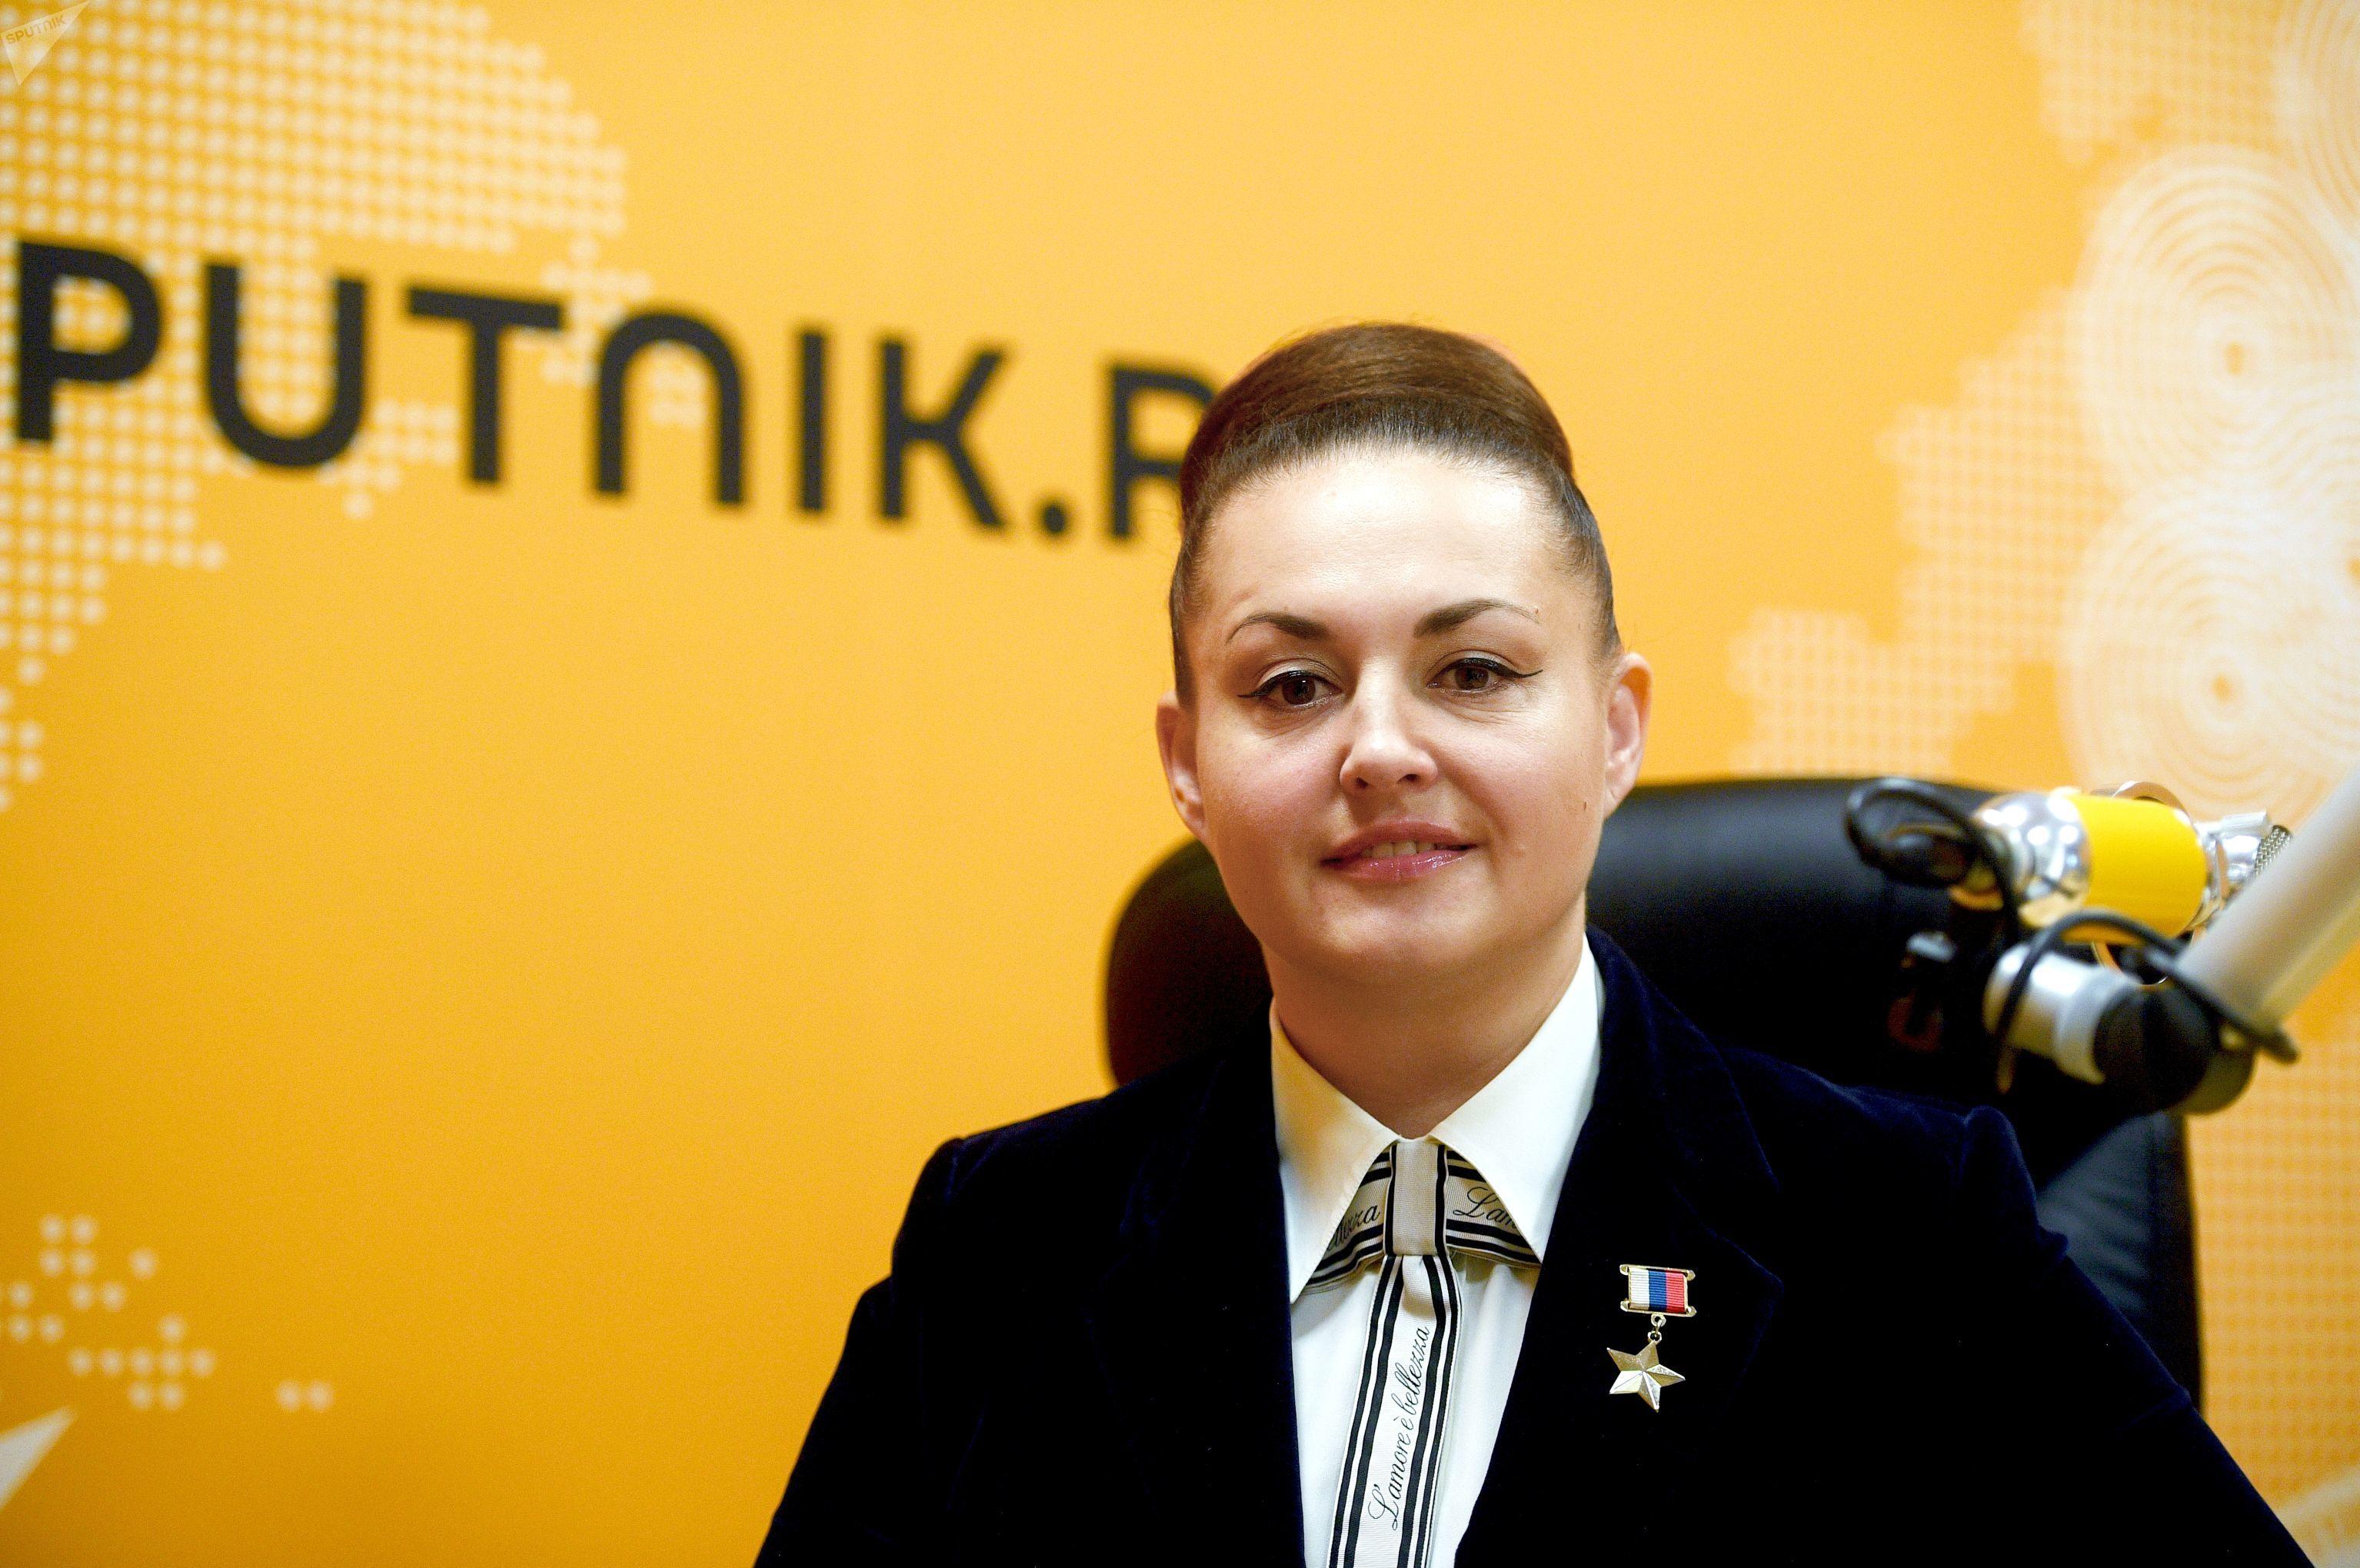 Elena Serova, cosmonauta rusa, durante su visita al estudio de Radio Sputnik, en Moscú